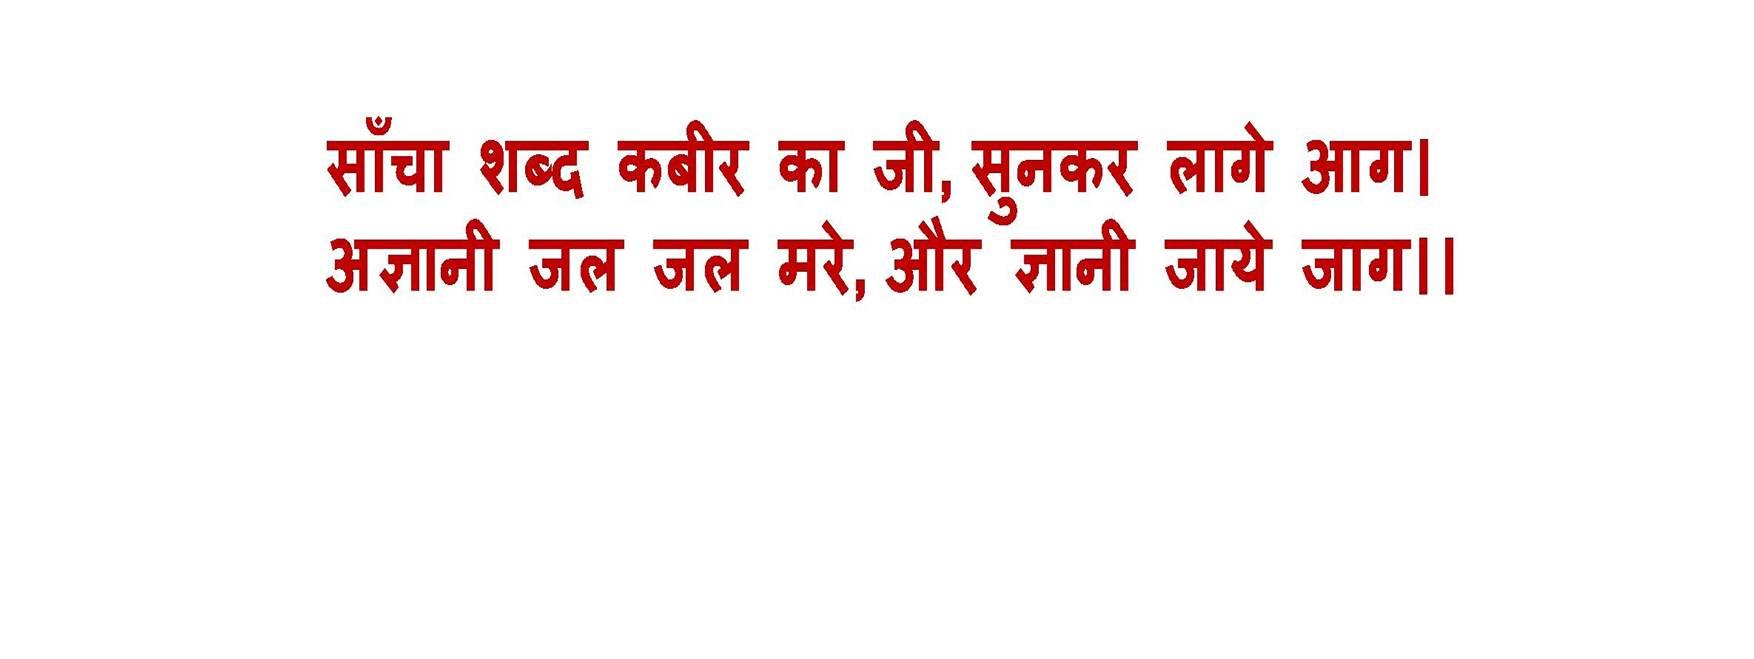 कबीर दास जी के दोहे हिंदी अर्थ सहित